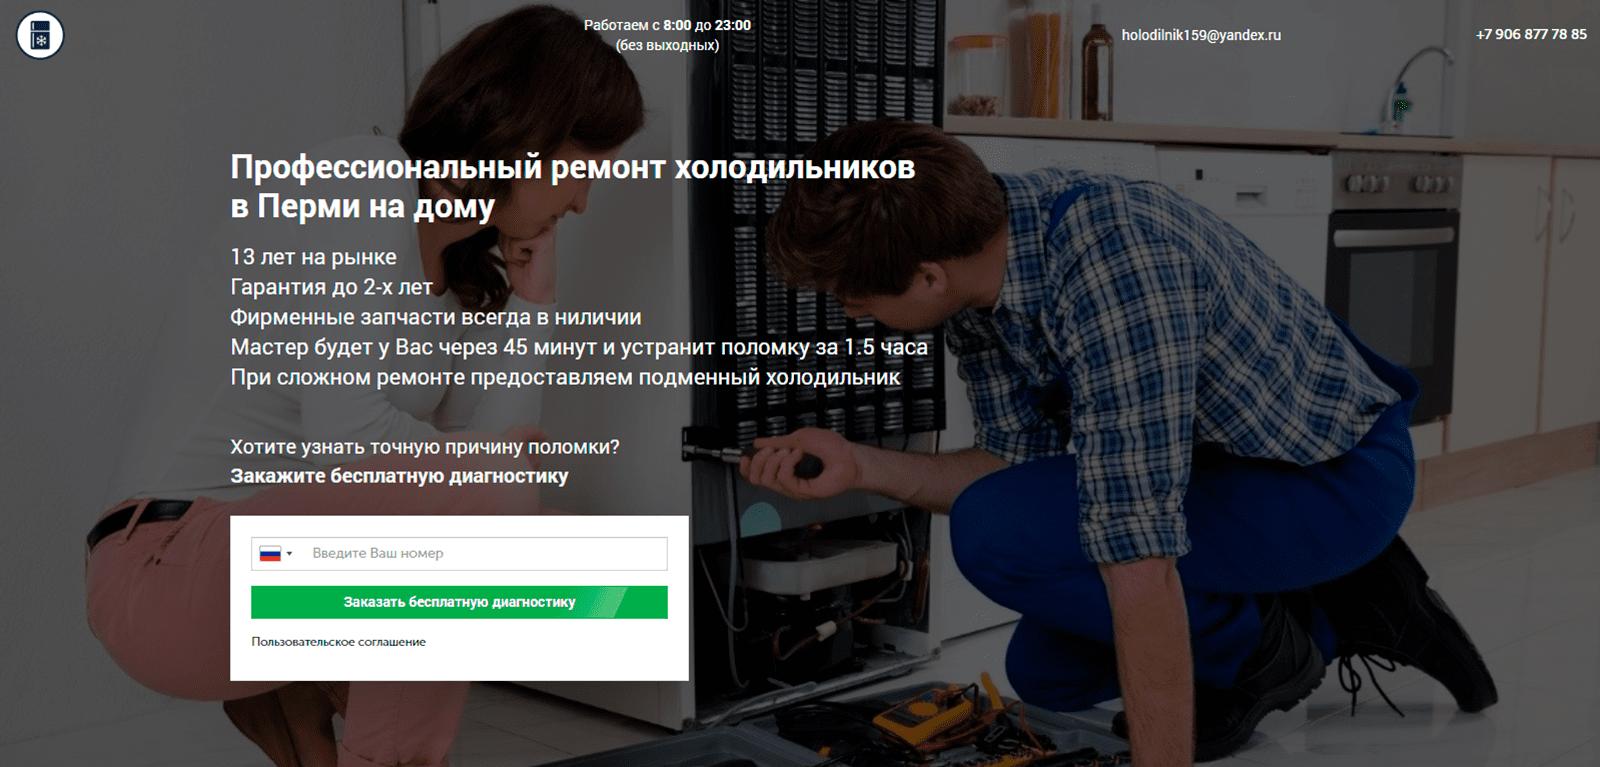 Ремонт холодильниковСтоимость заявки:142 руб.Конверсия:30%